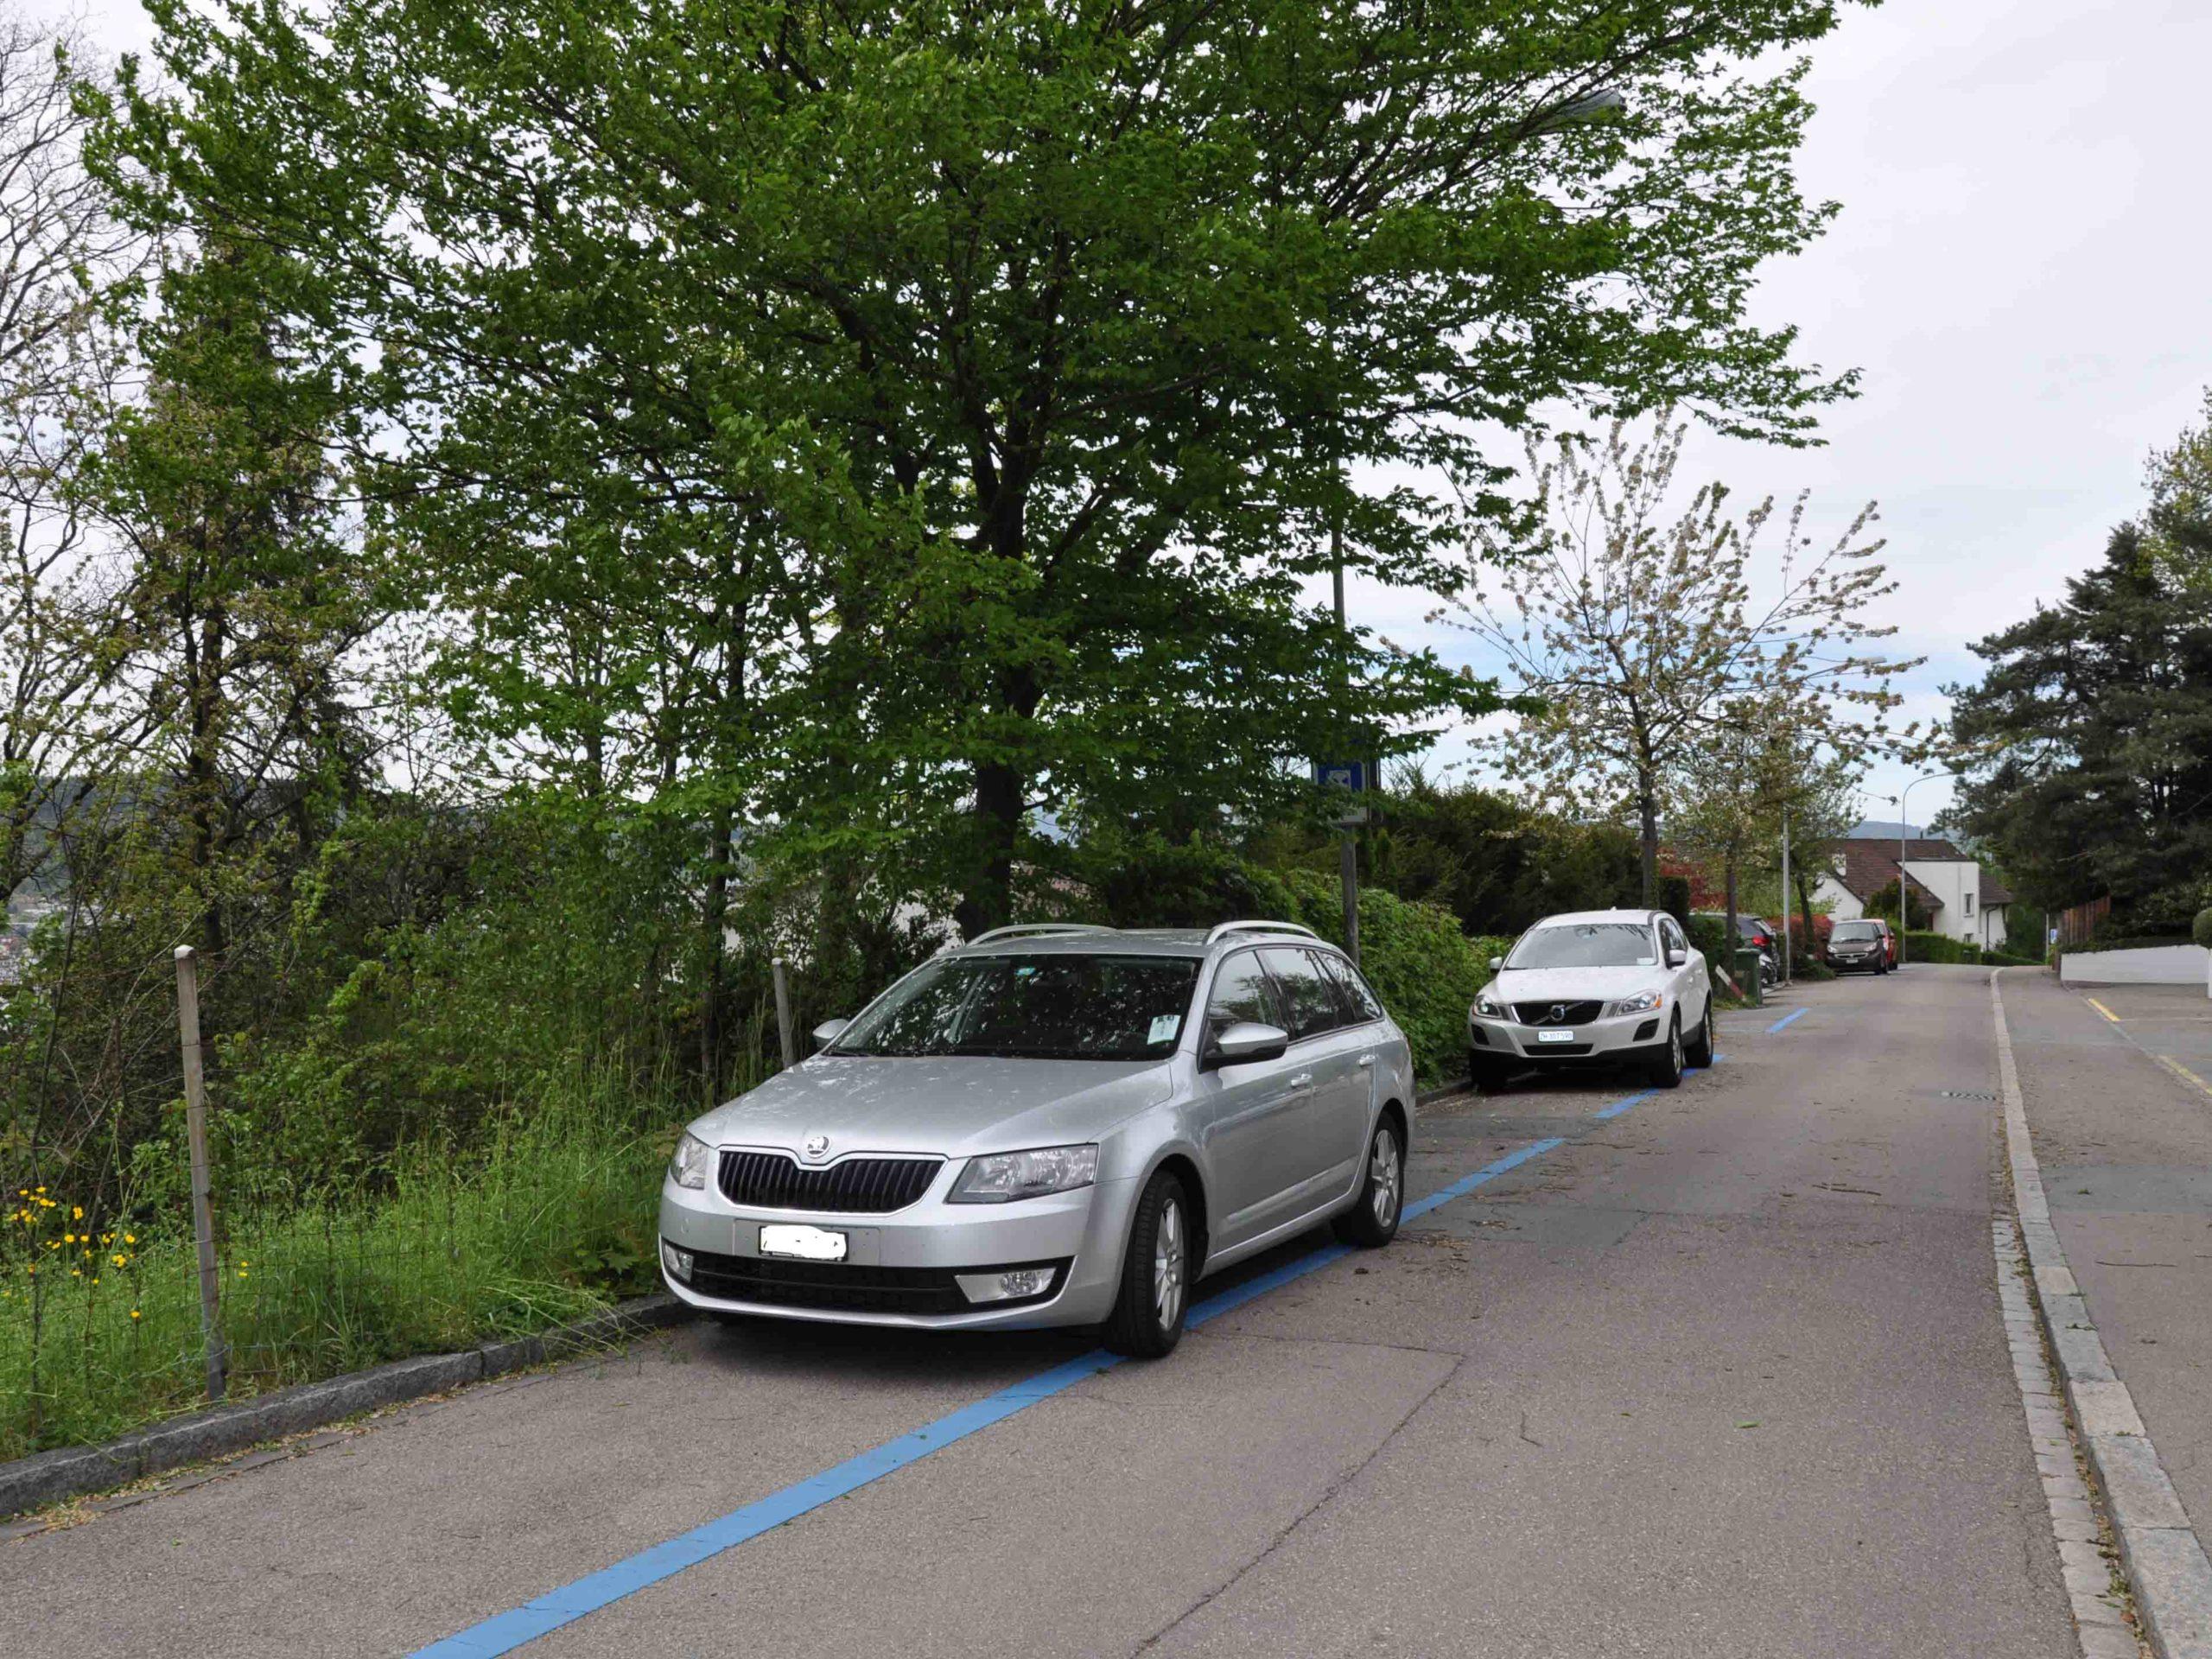 Diesen Parkplätzen wäre es beinahe an den Kragen gegangen.